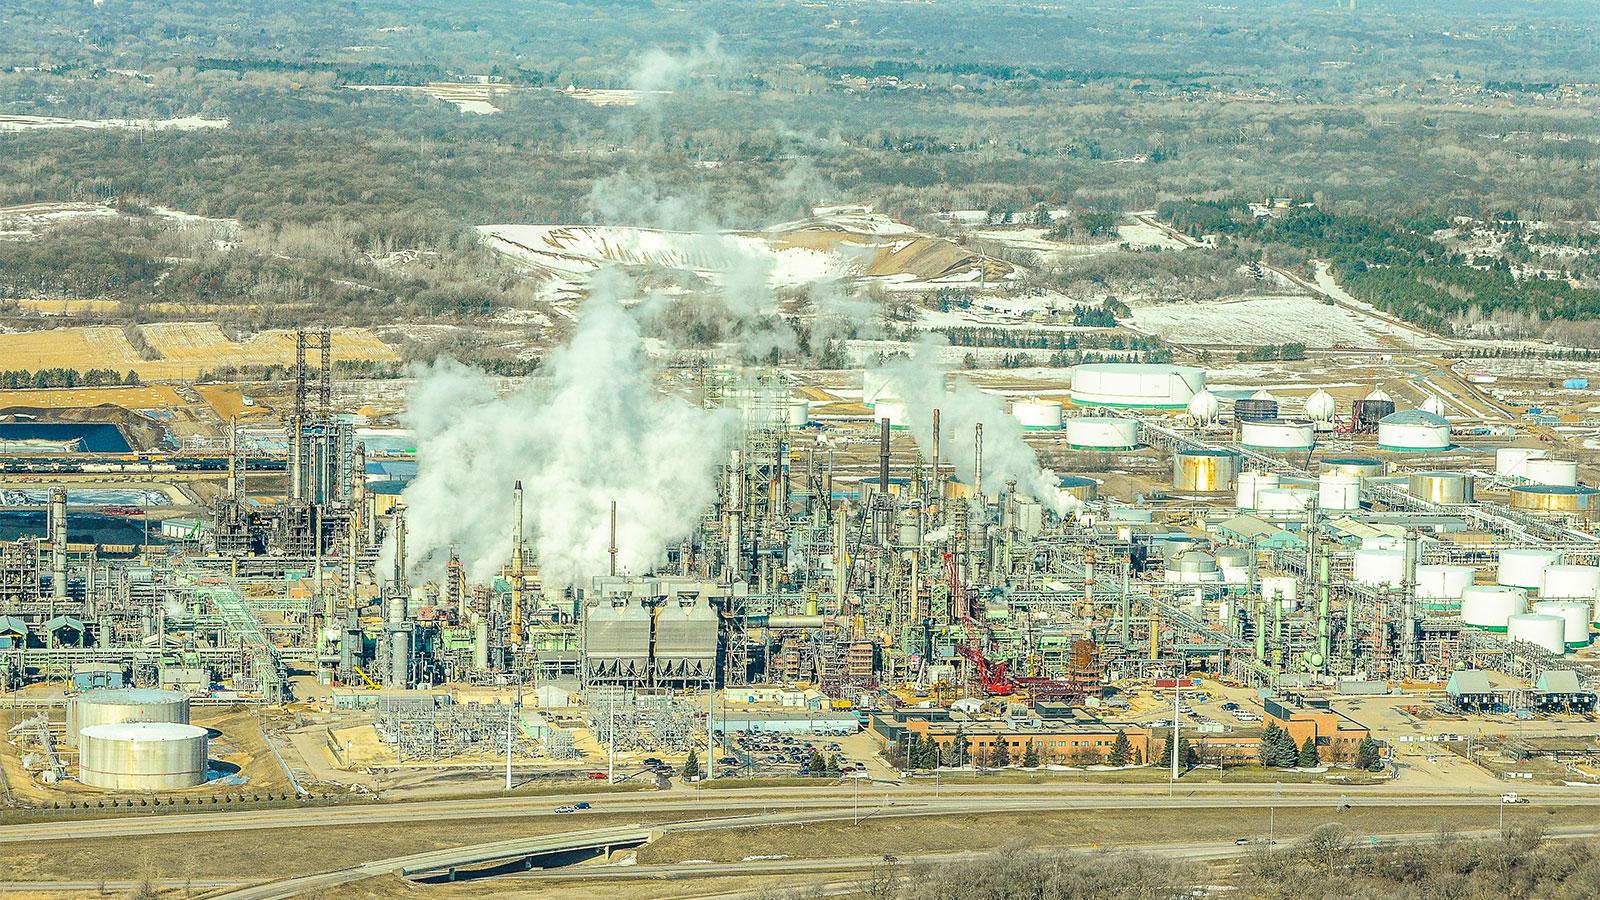 Aerial photo 'Pine Bend' Koch Oil refinery